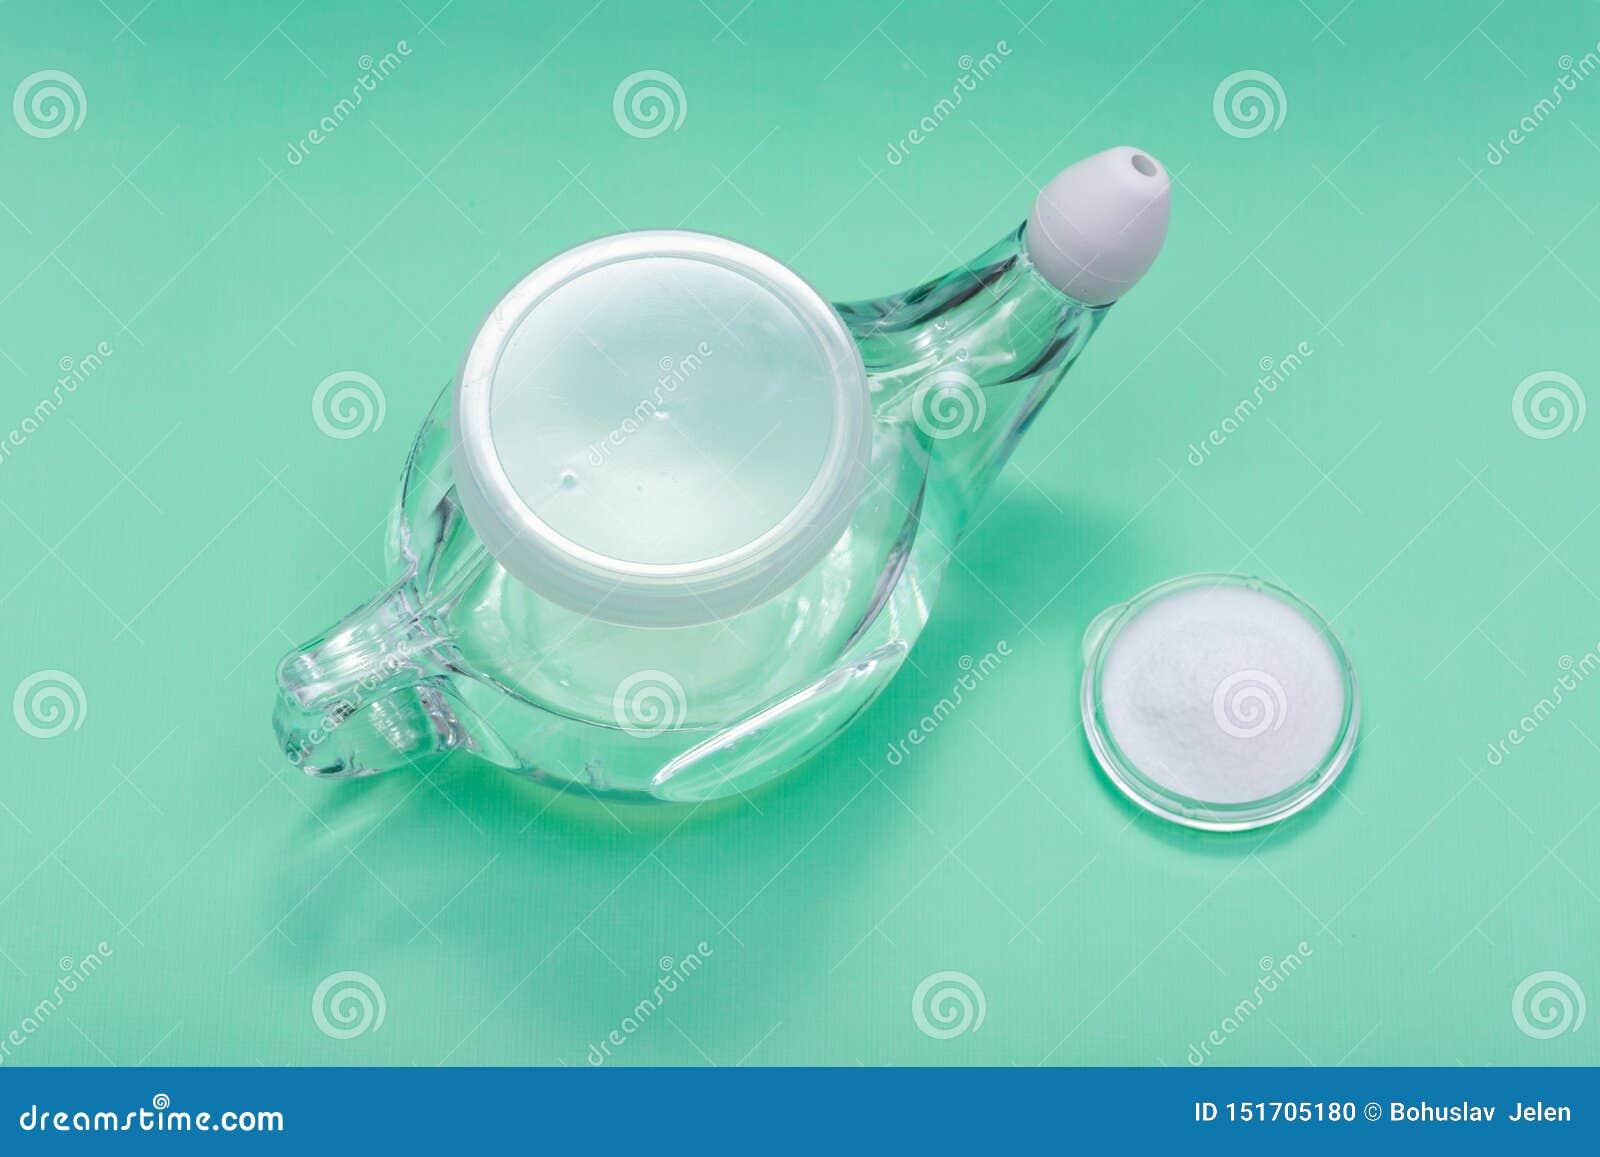 lavado nasal con bicarbonato de sodio